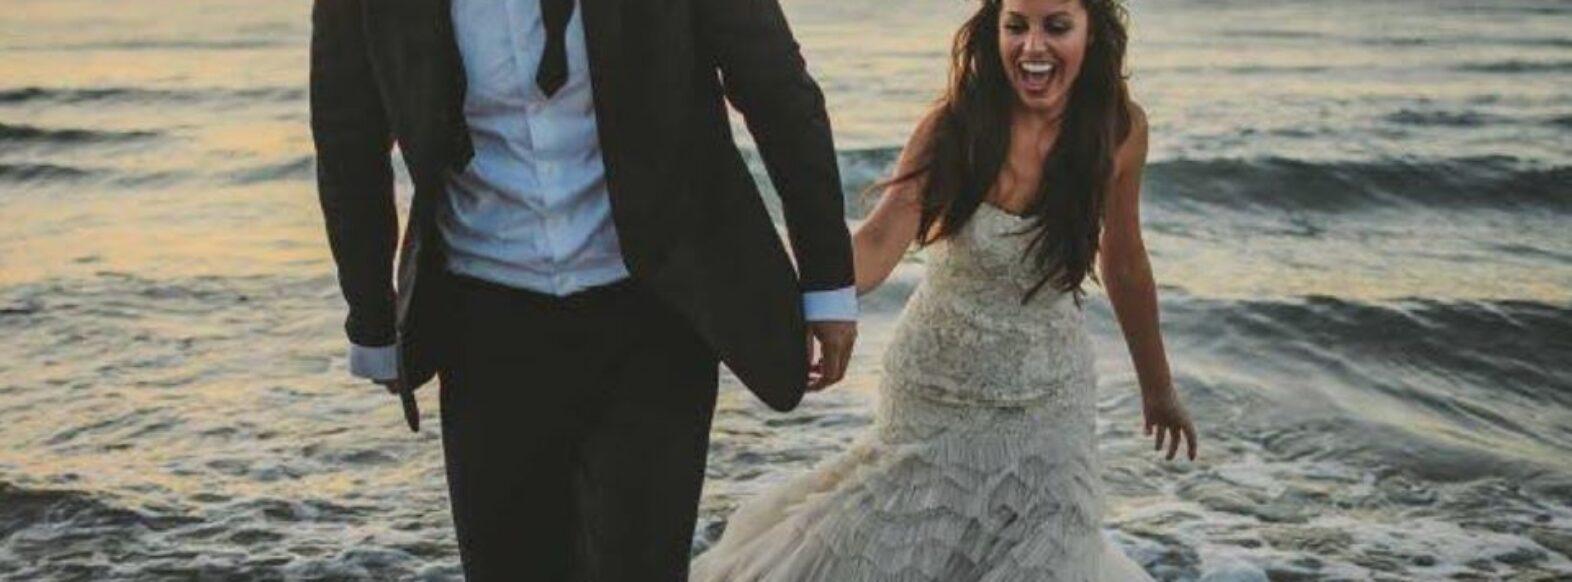 קריית ים מציגה: חתונה בחוף הים